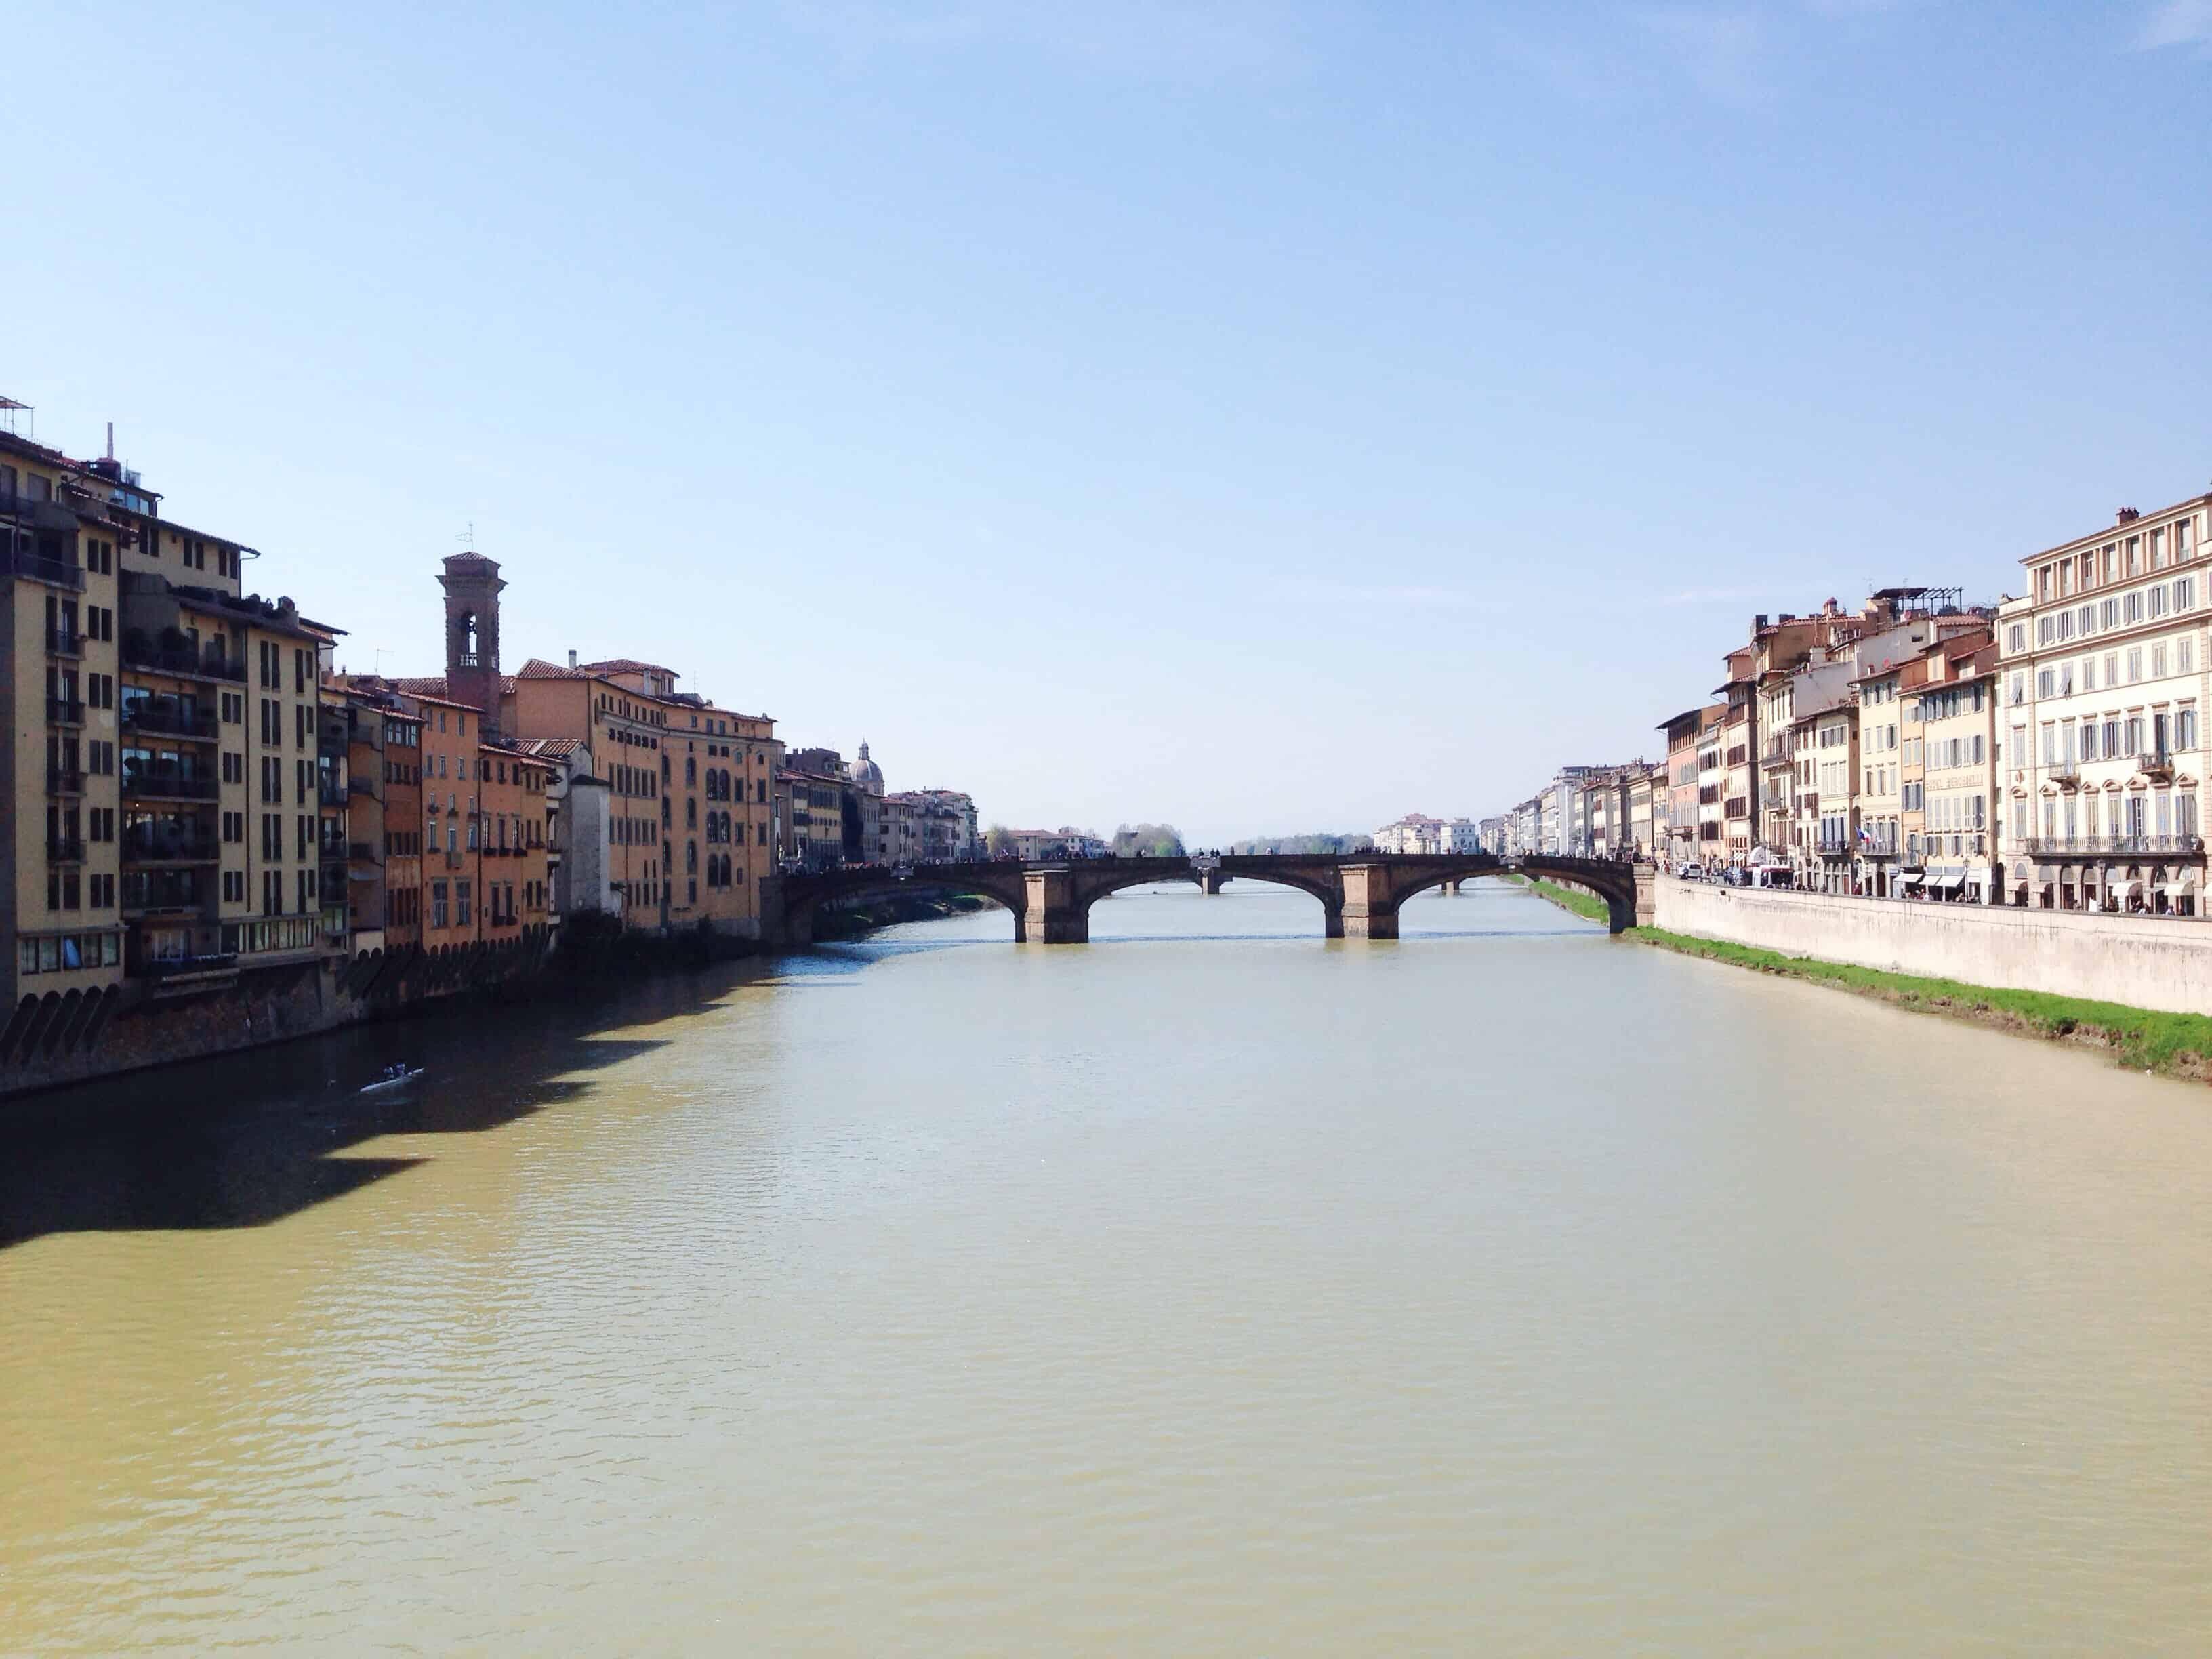 Jak zwiedzić Florencję w 8 godzin? Co zobaczyć we Florencji